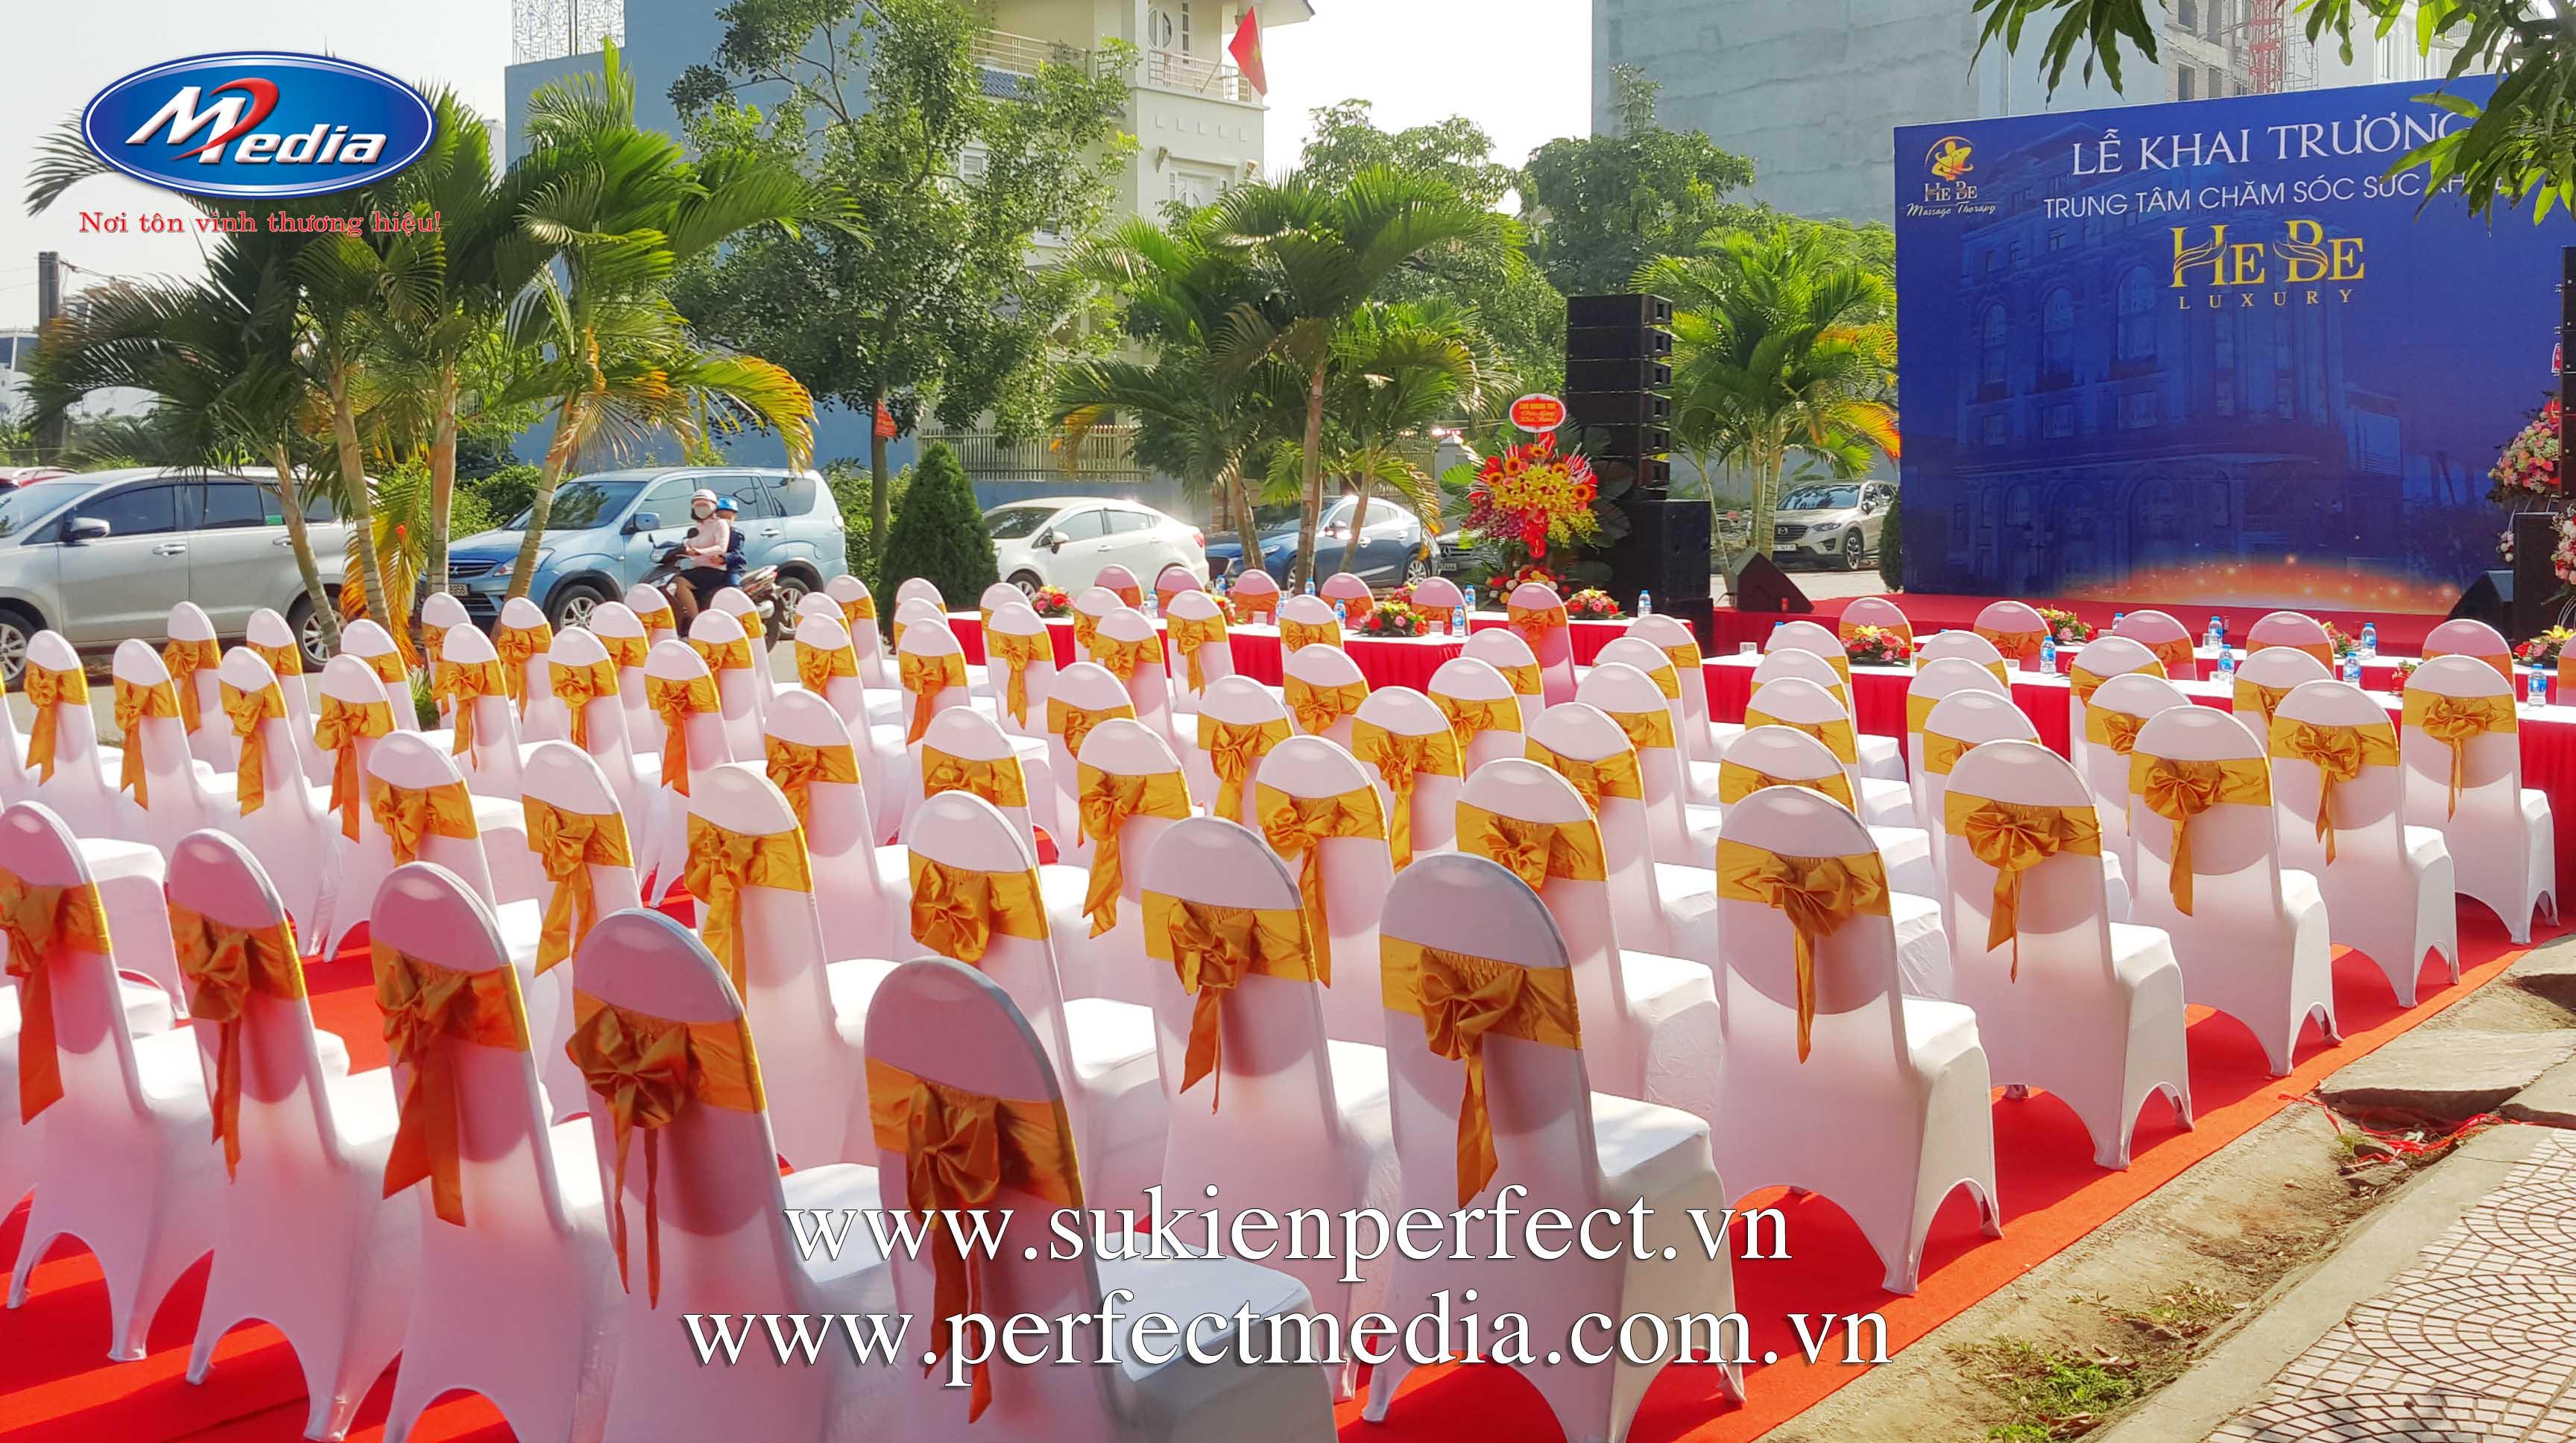 Tổ chức lễ kỷ niệm, kỷ niệm thành lập tại Thái Nguyên